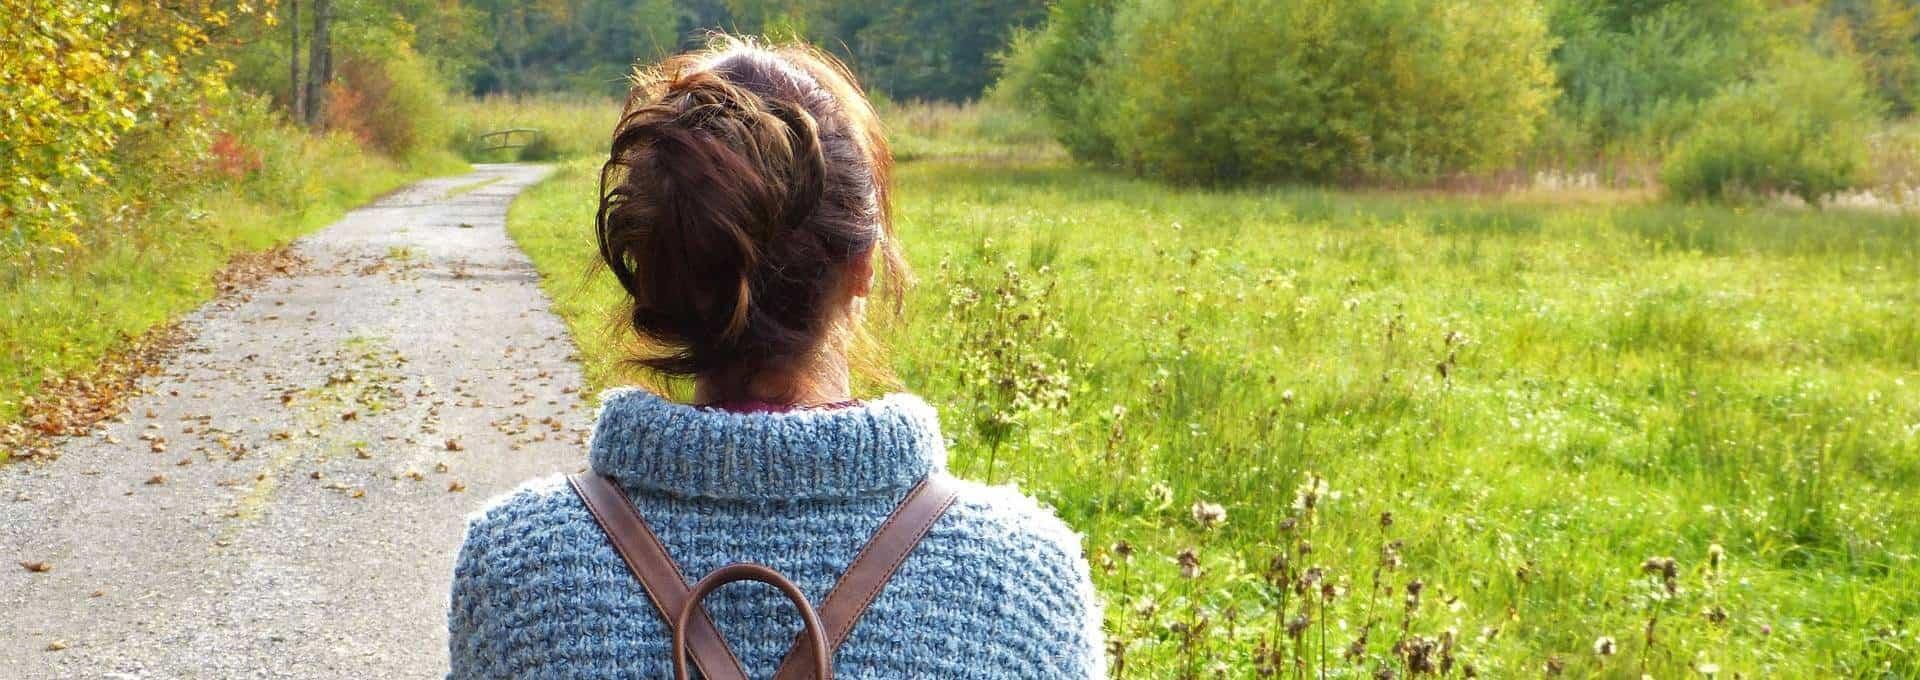 Entspannen im Homeoffice - wie du Pausen nützlich gestaltest